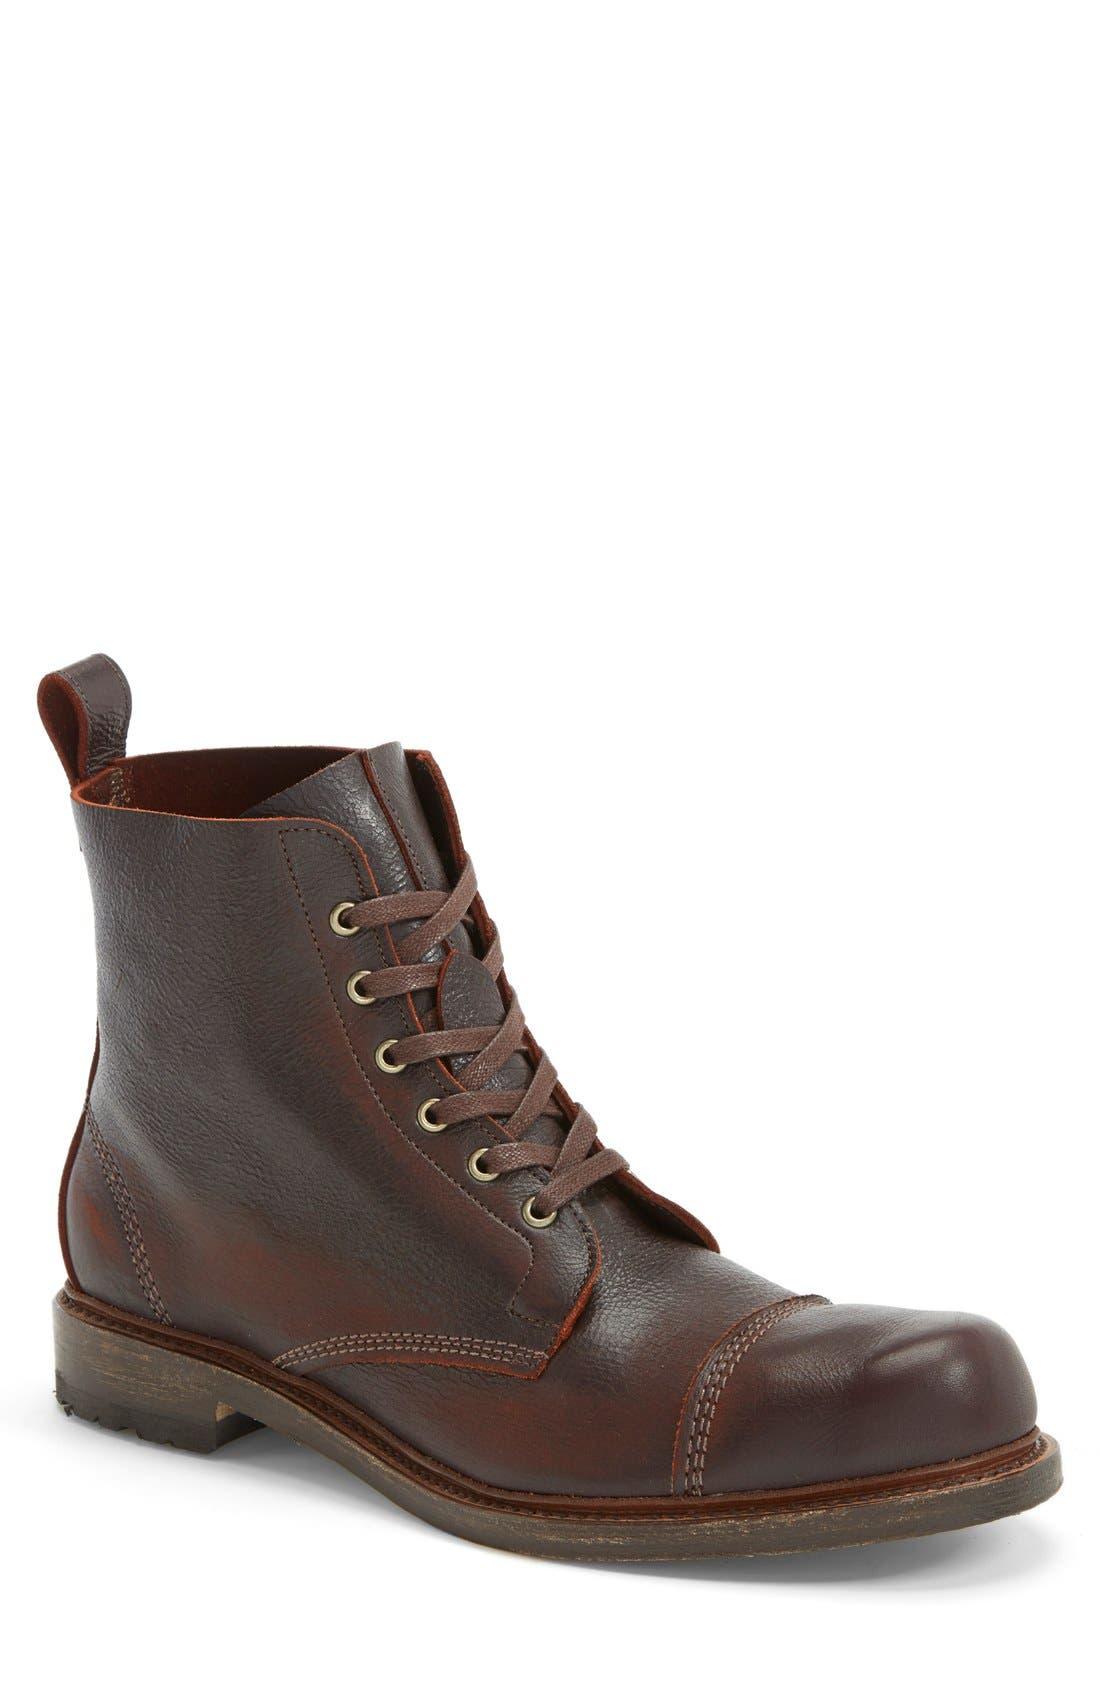 Alternate Image 1 Selected - Allen Edmonds 'Normandy' Cap Toe Boot (Men)